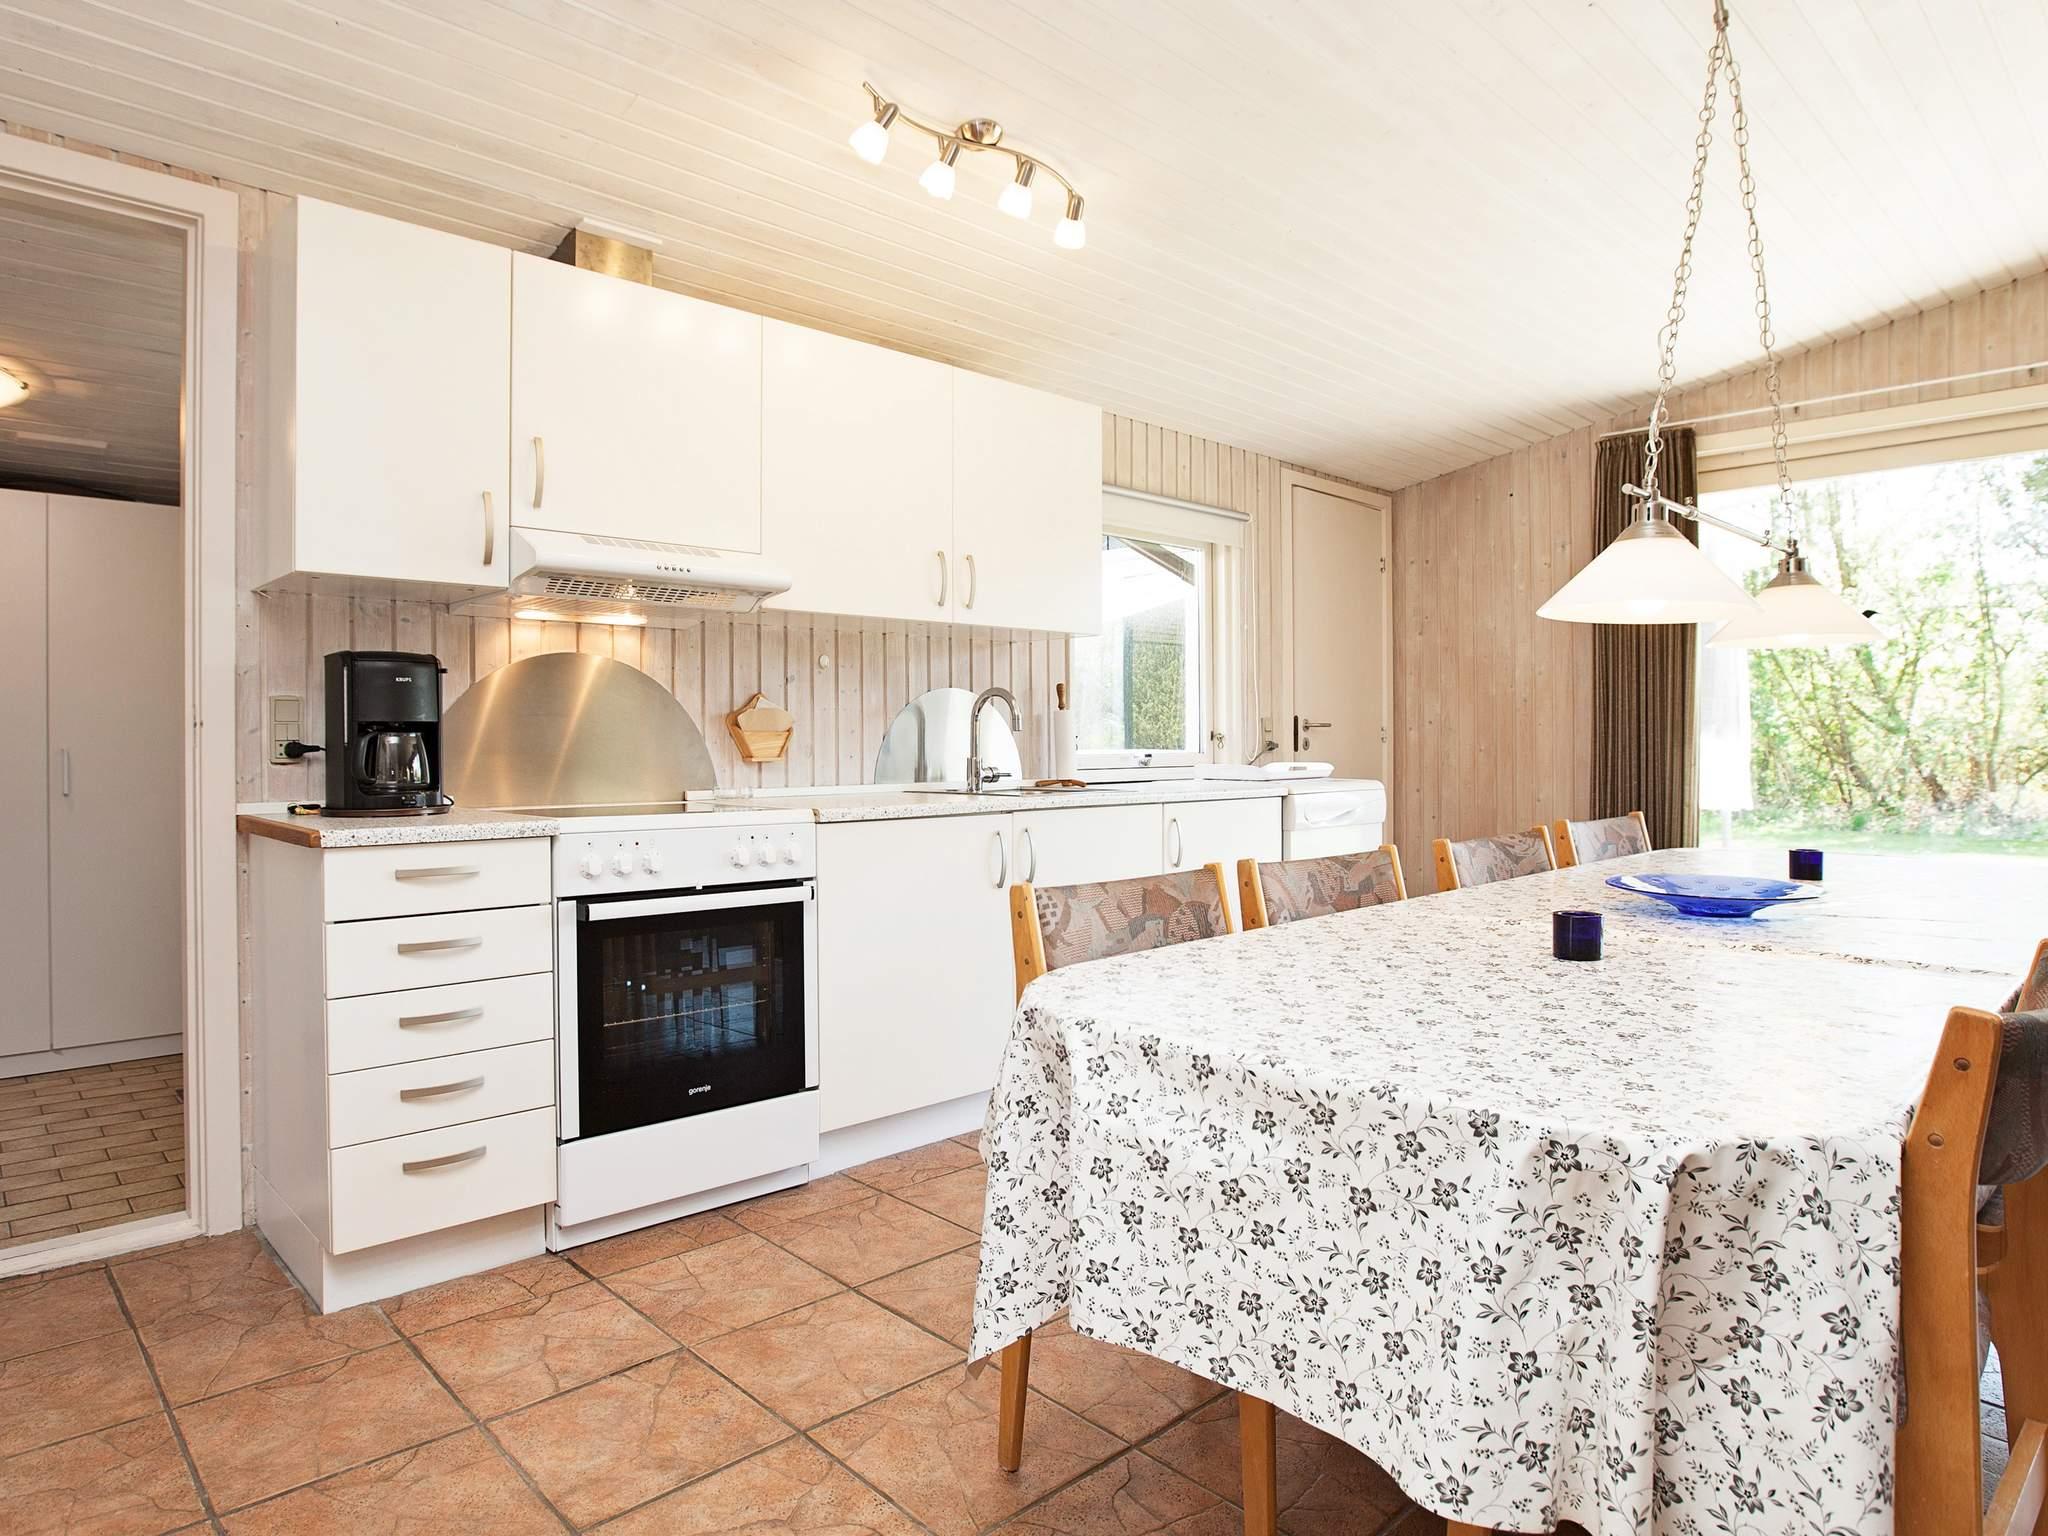 Ferienhaus Hummingen (81995), Hummingen, , Lolland, Dänemark, Bild 3